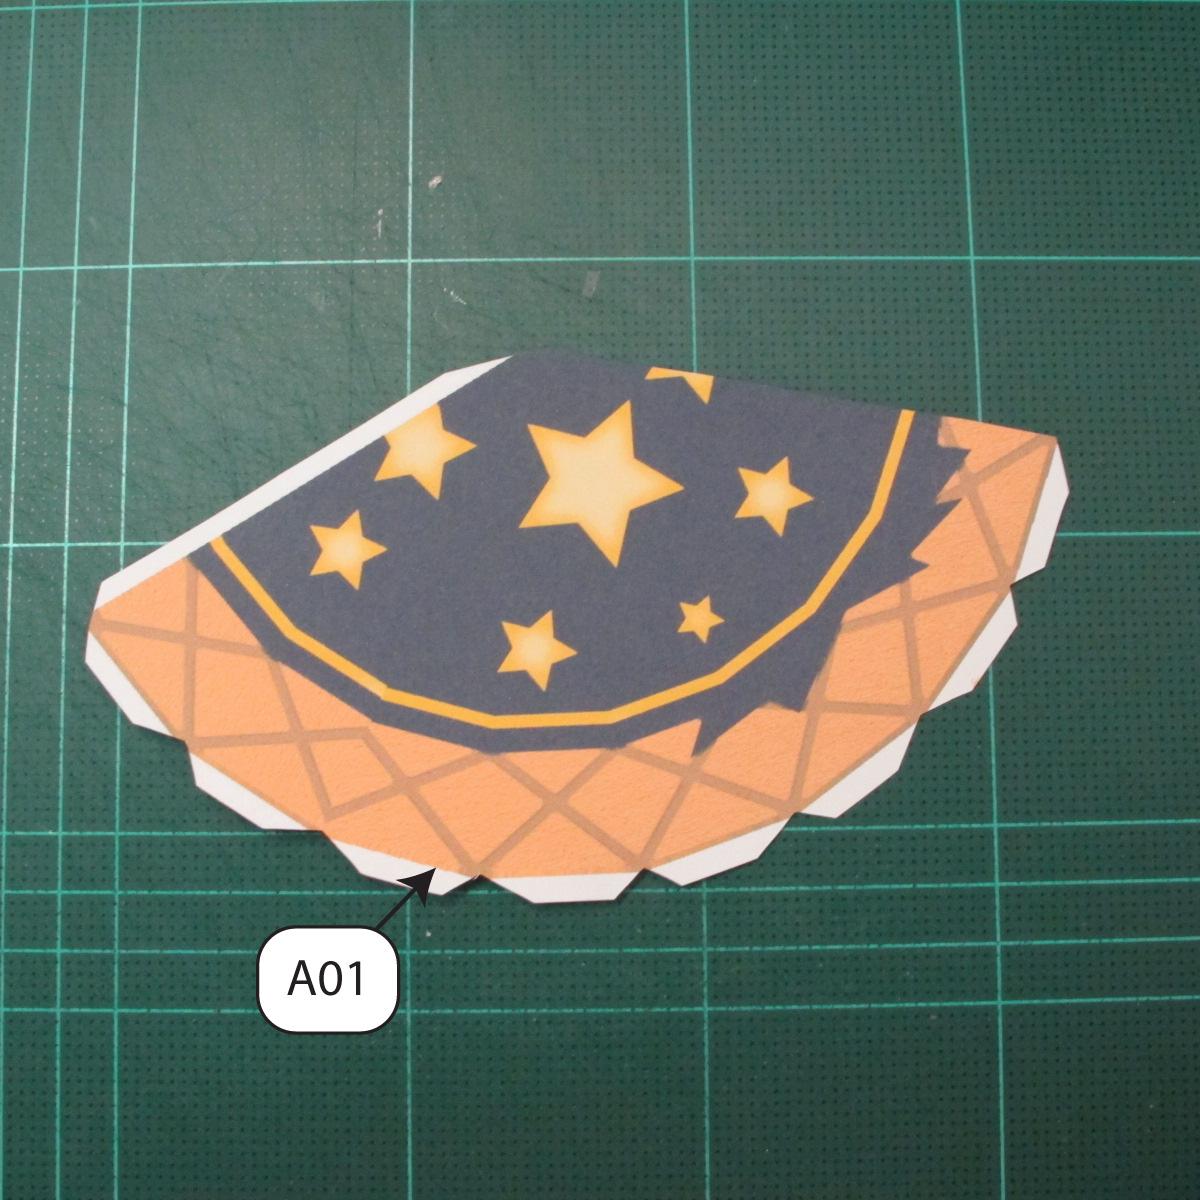 วิธีทำโมเดลกระดาษของเล่นคุกกี้รัน คุกกี้รสพ่อมด (Cookie Run Wizard Cookie Papercraft Model) 048